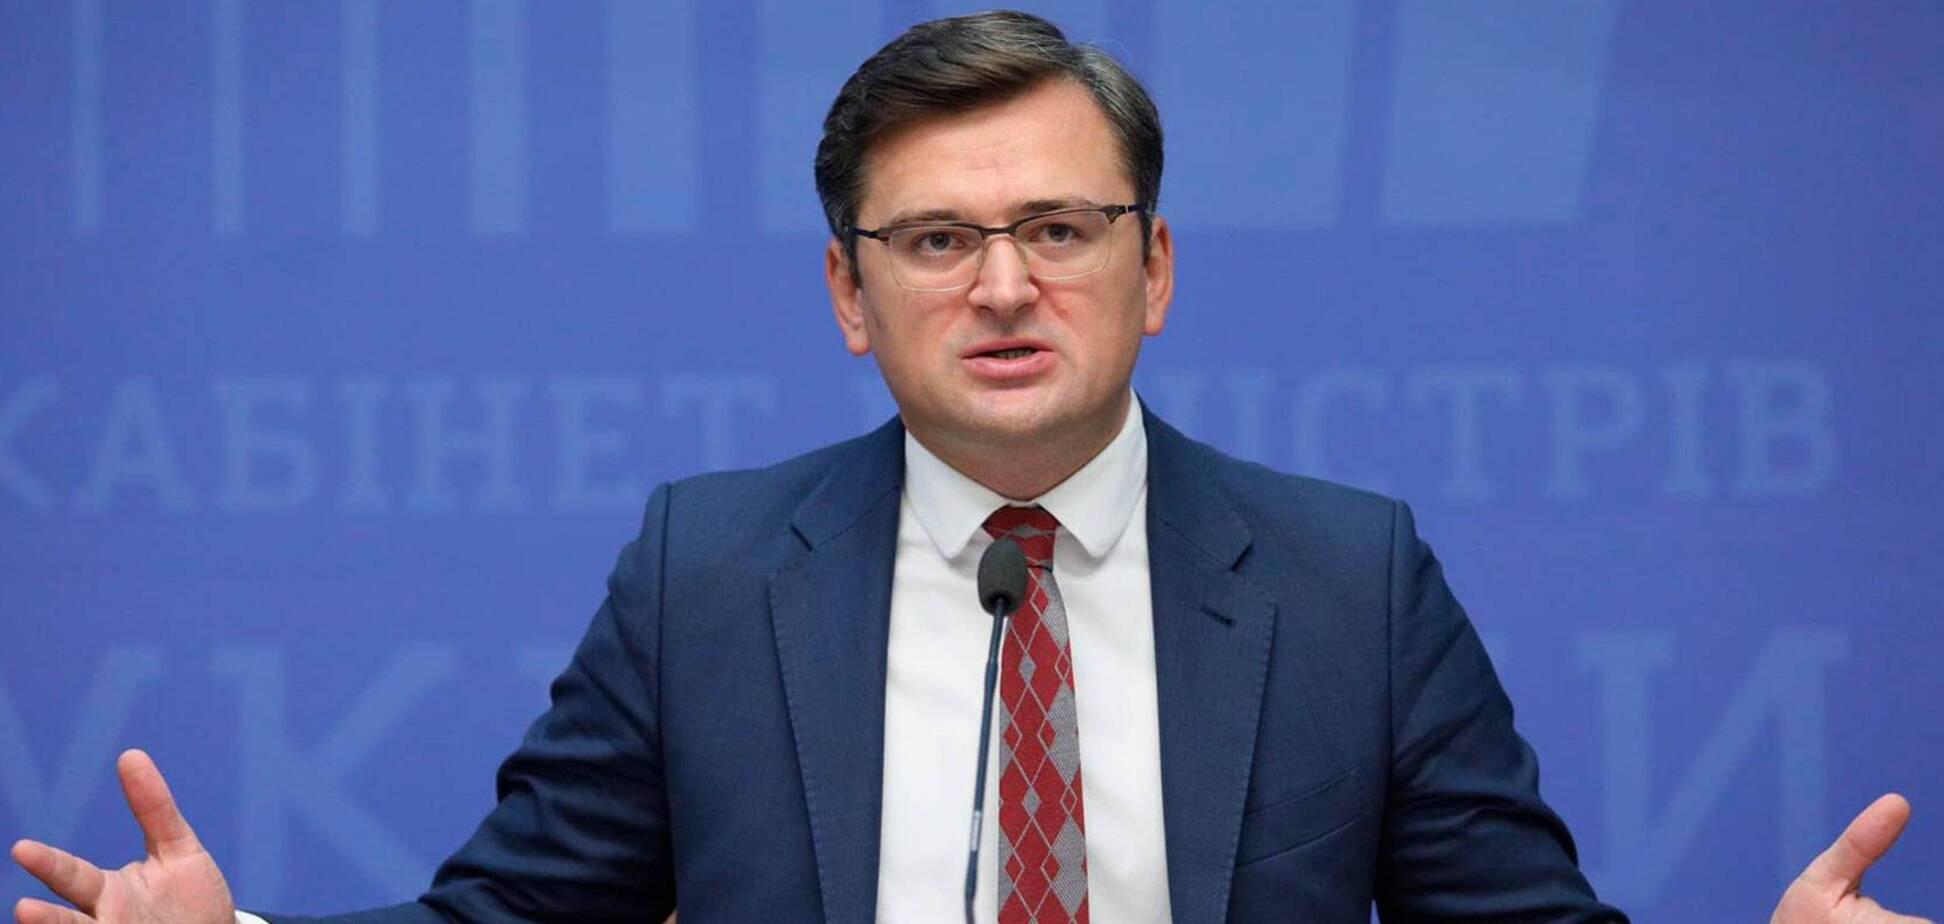 Кулеба назвал вопрос 'прямого диалога' главным в решении конфликта на Донбассе